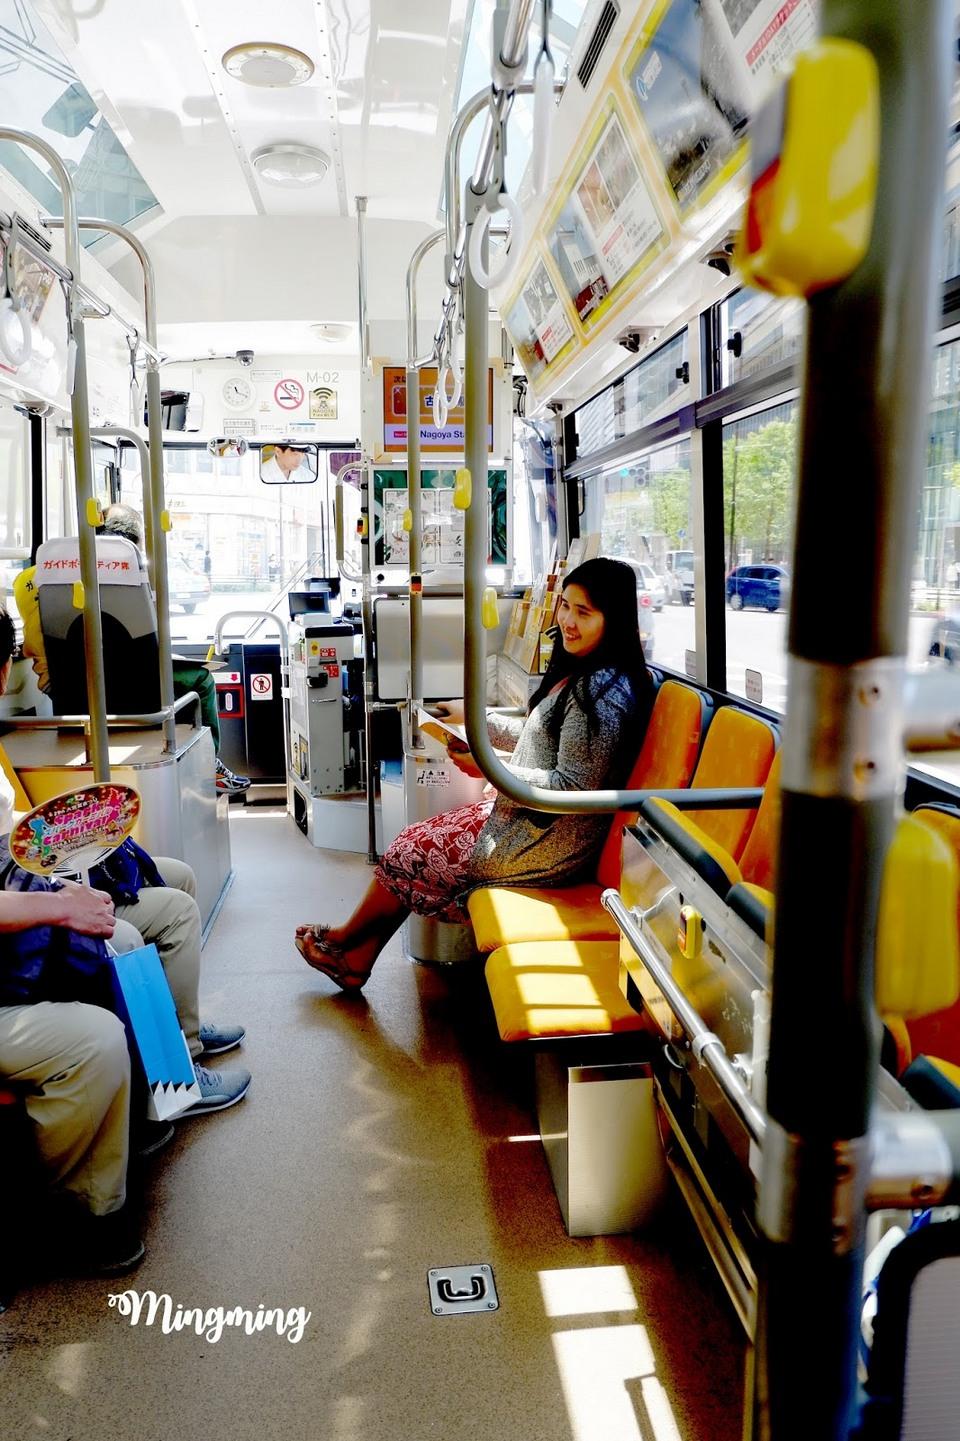 nagoya tour bus